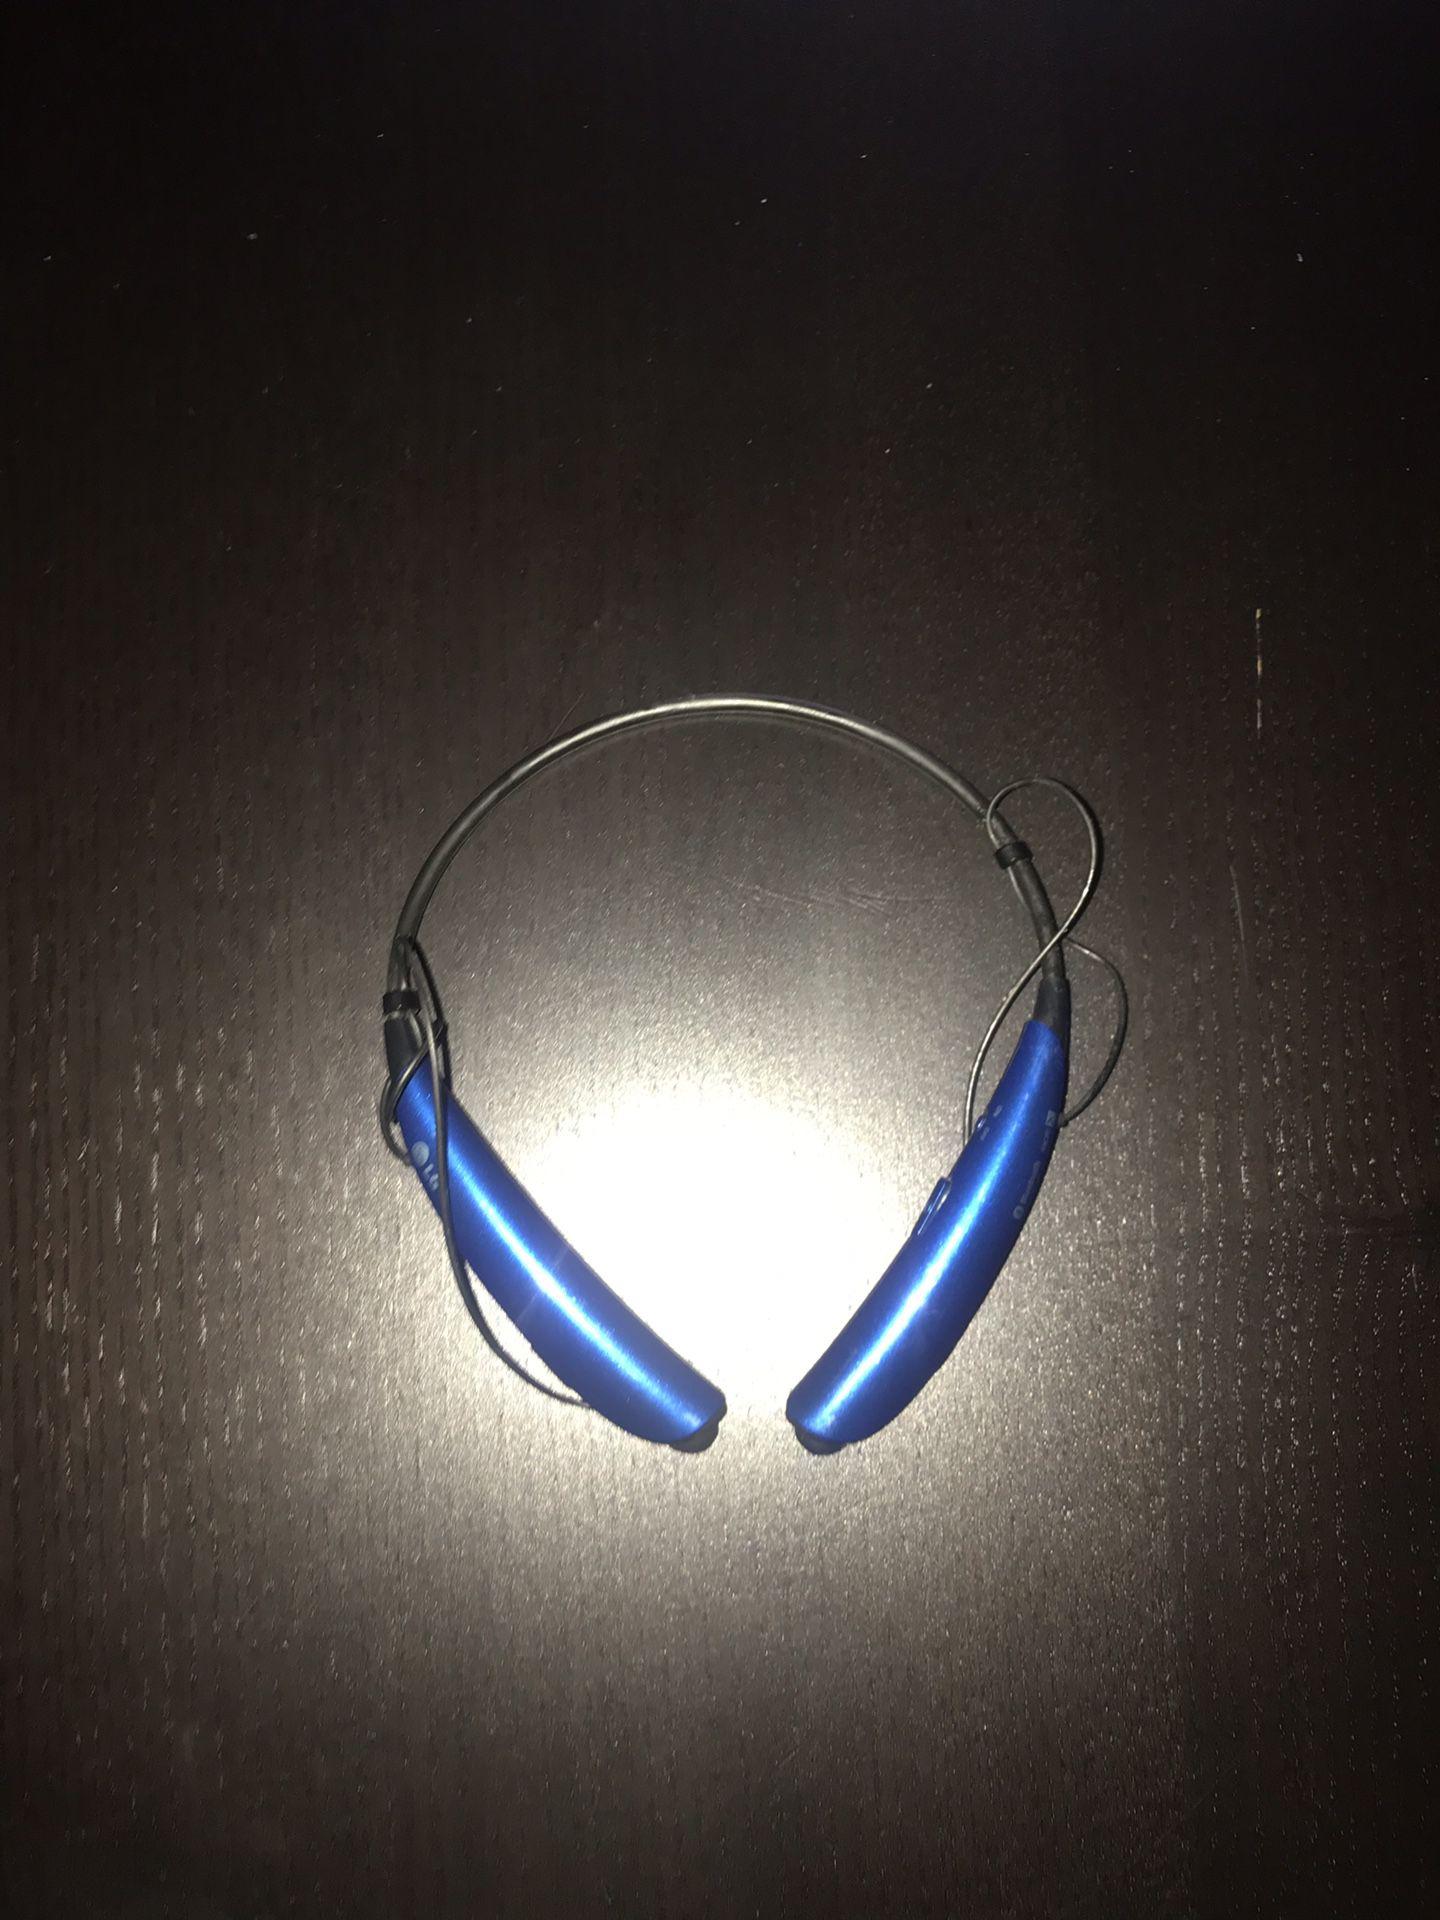 LG wireless headphones